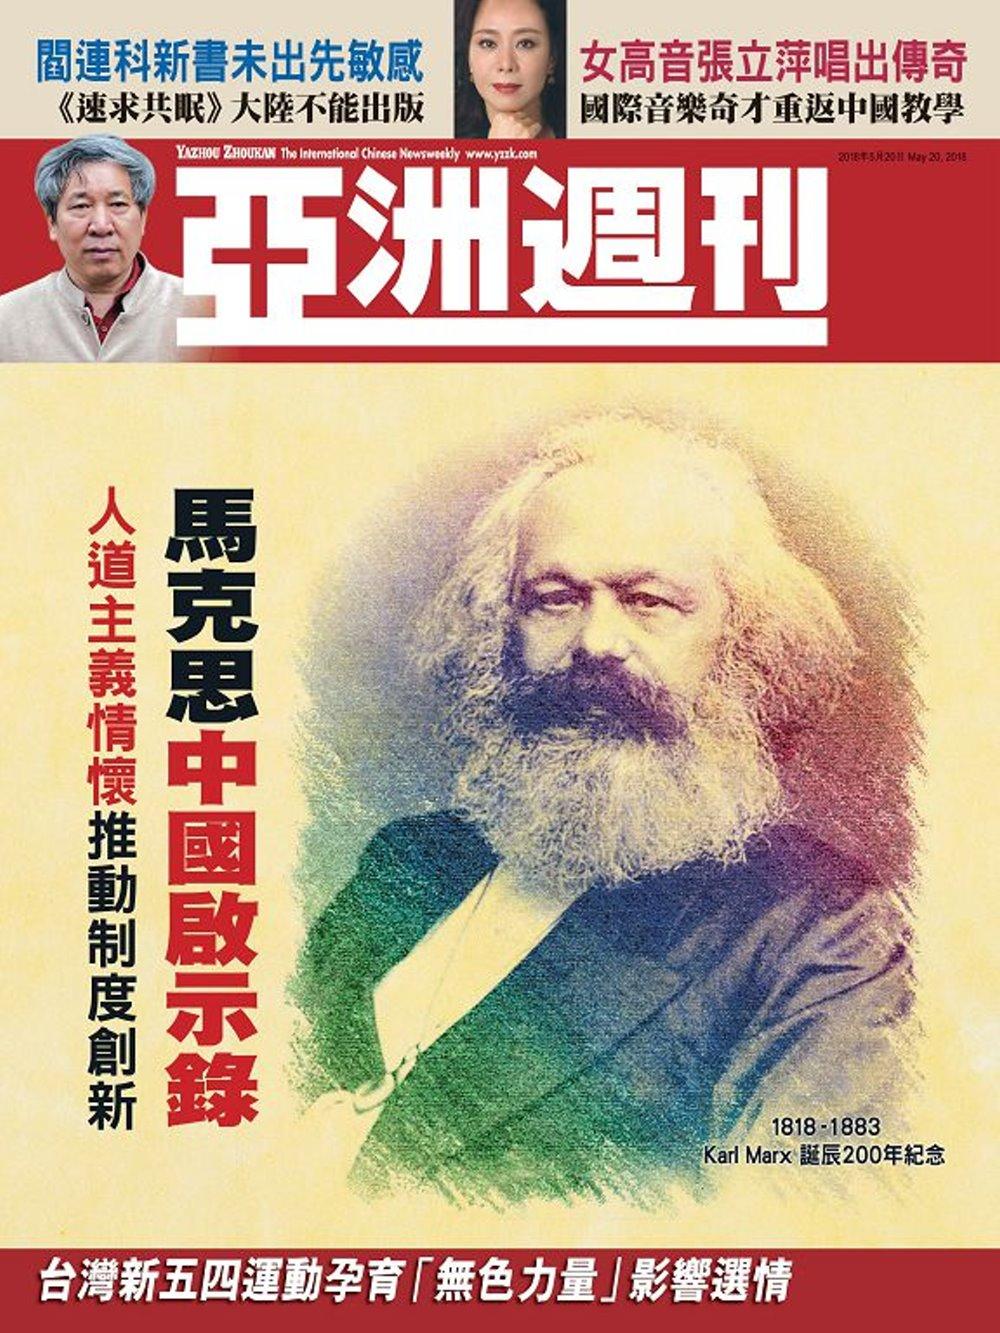 亞洲週刊 2018/5/20第19期